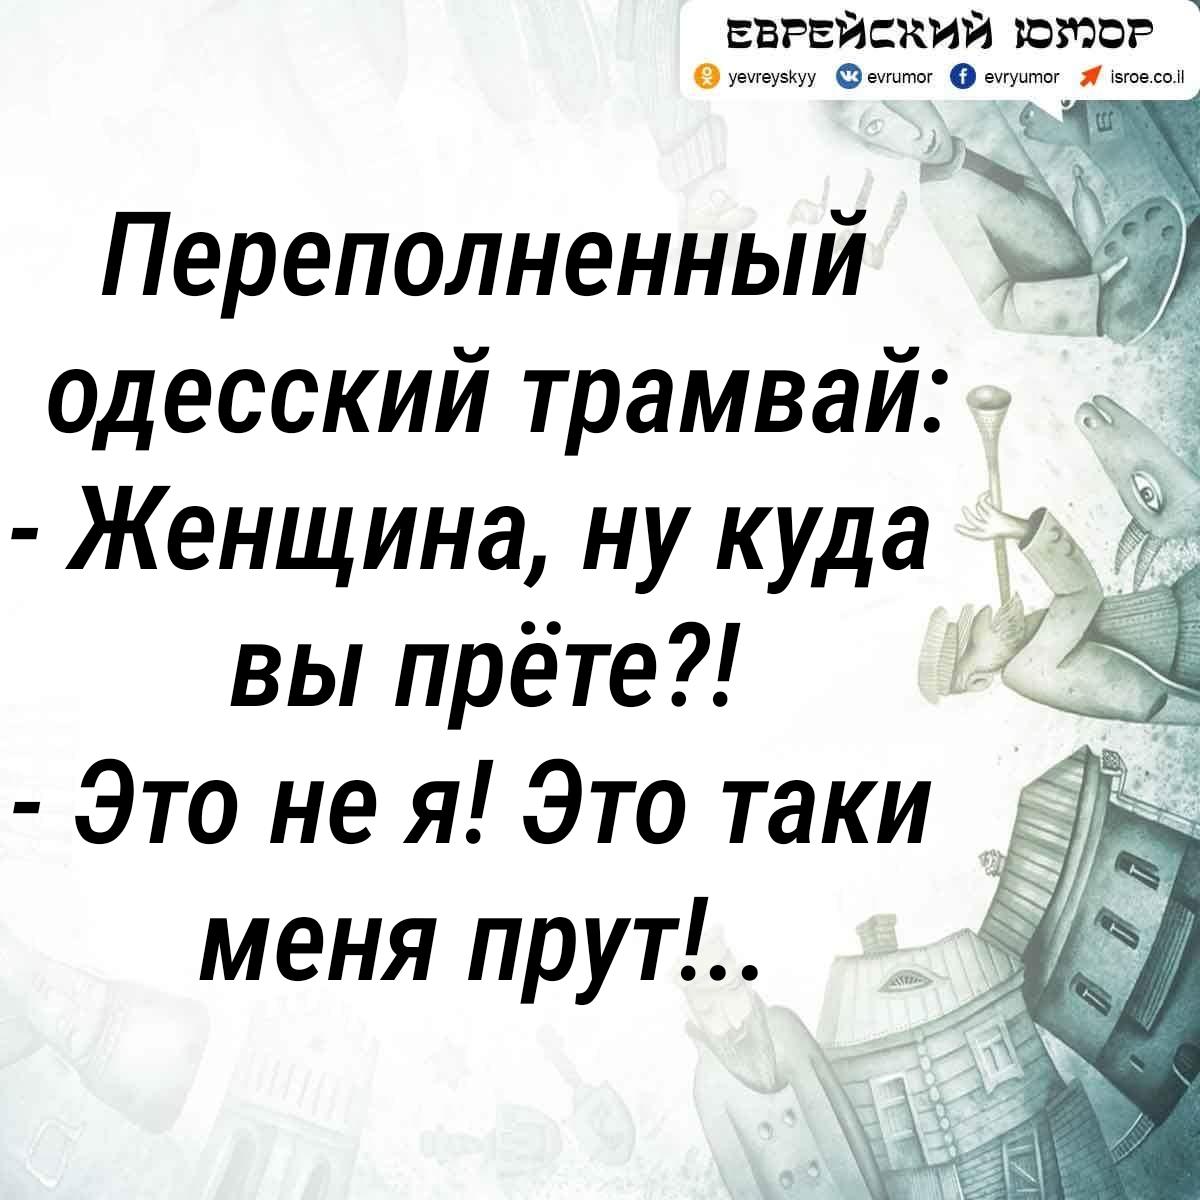 Еврейский юмор. Одесский анекдот. Одесский трамвай